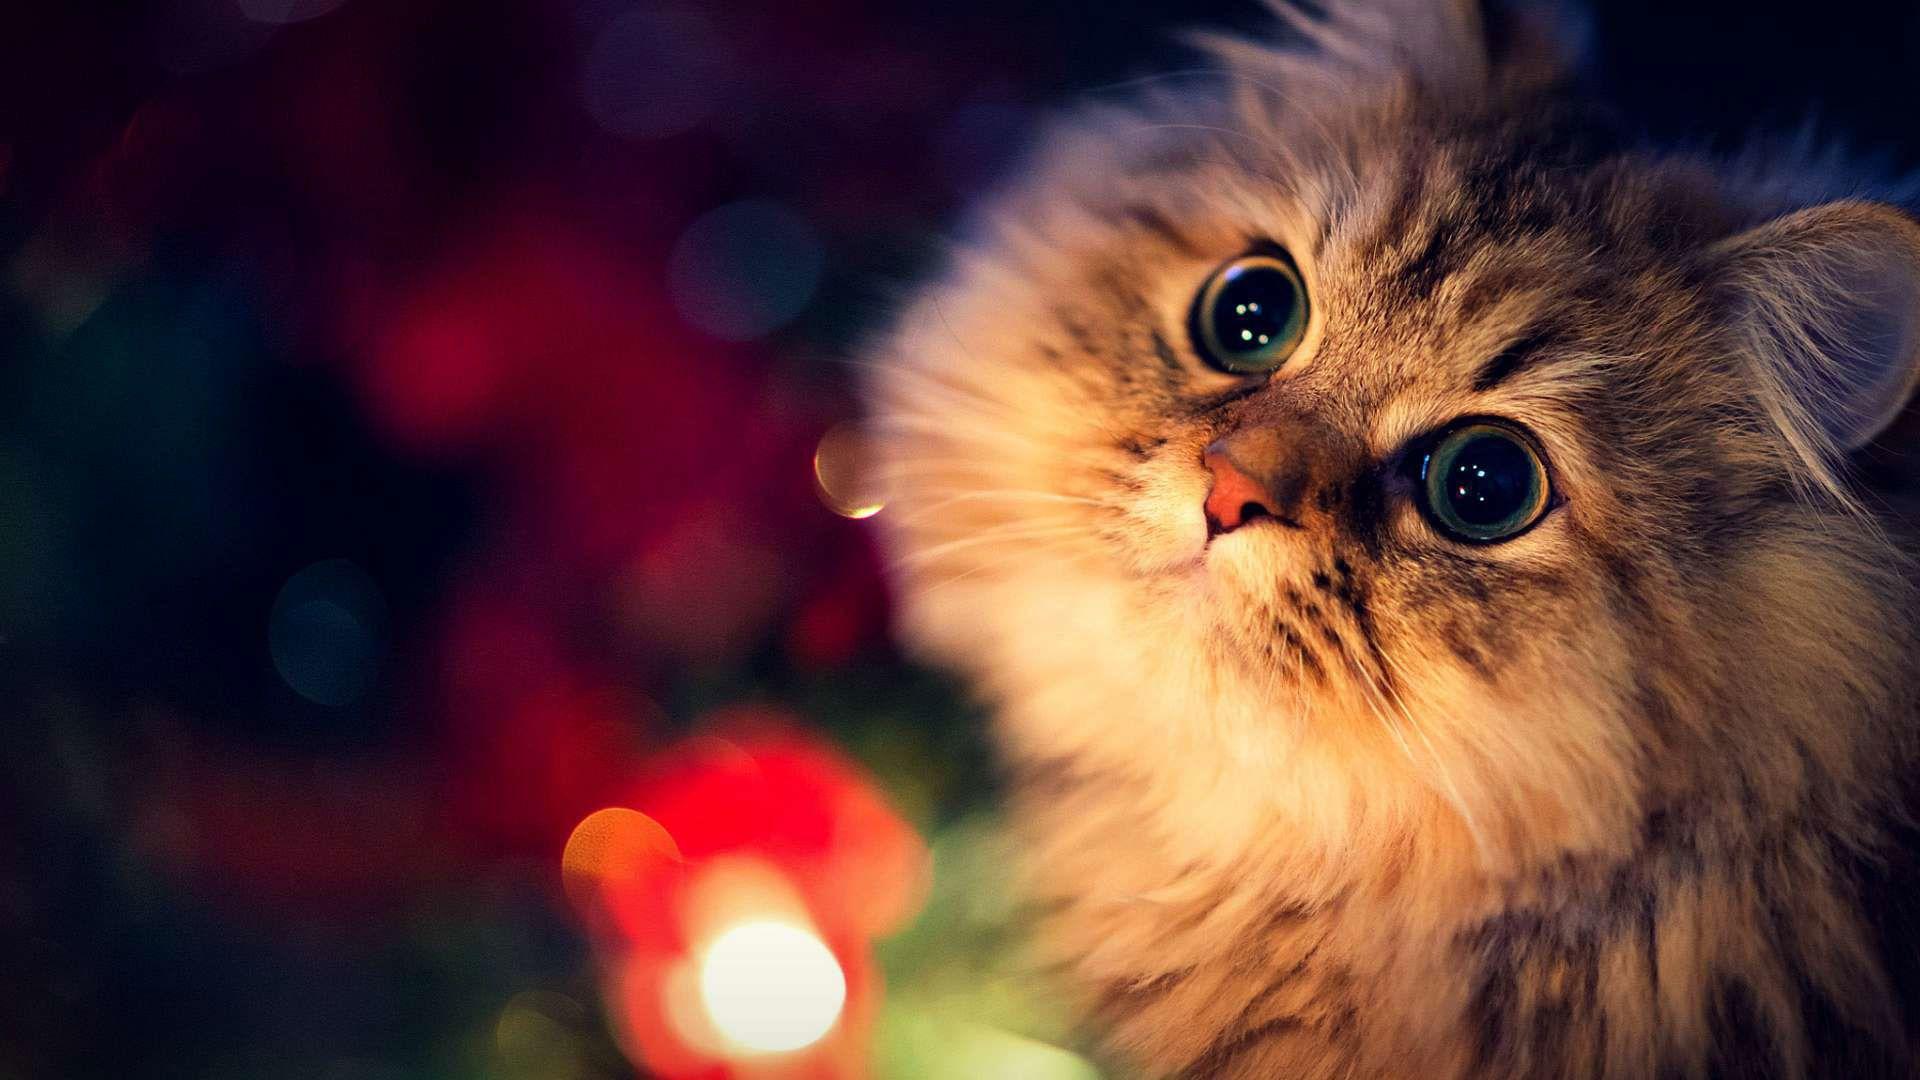 Hình ảnh mèo Ba Tư với biểu cảm đáng yêu